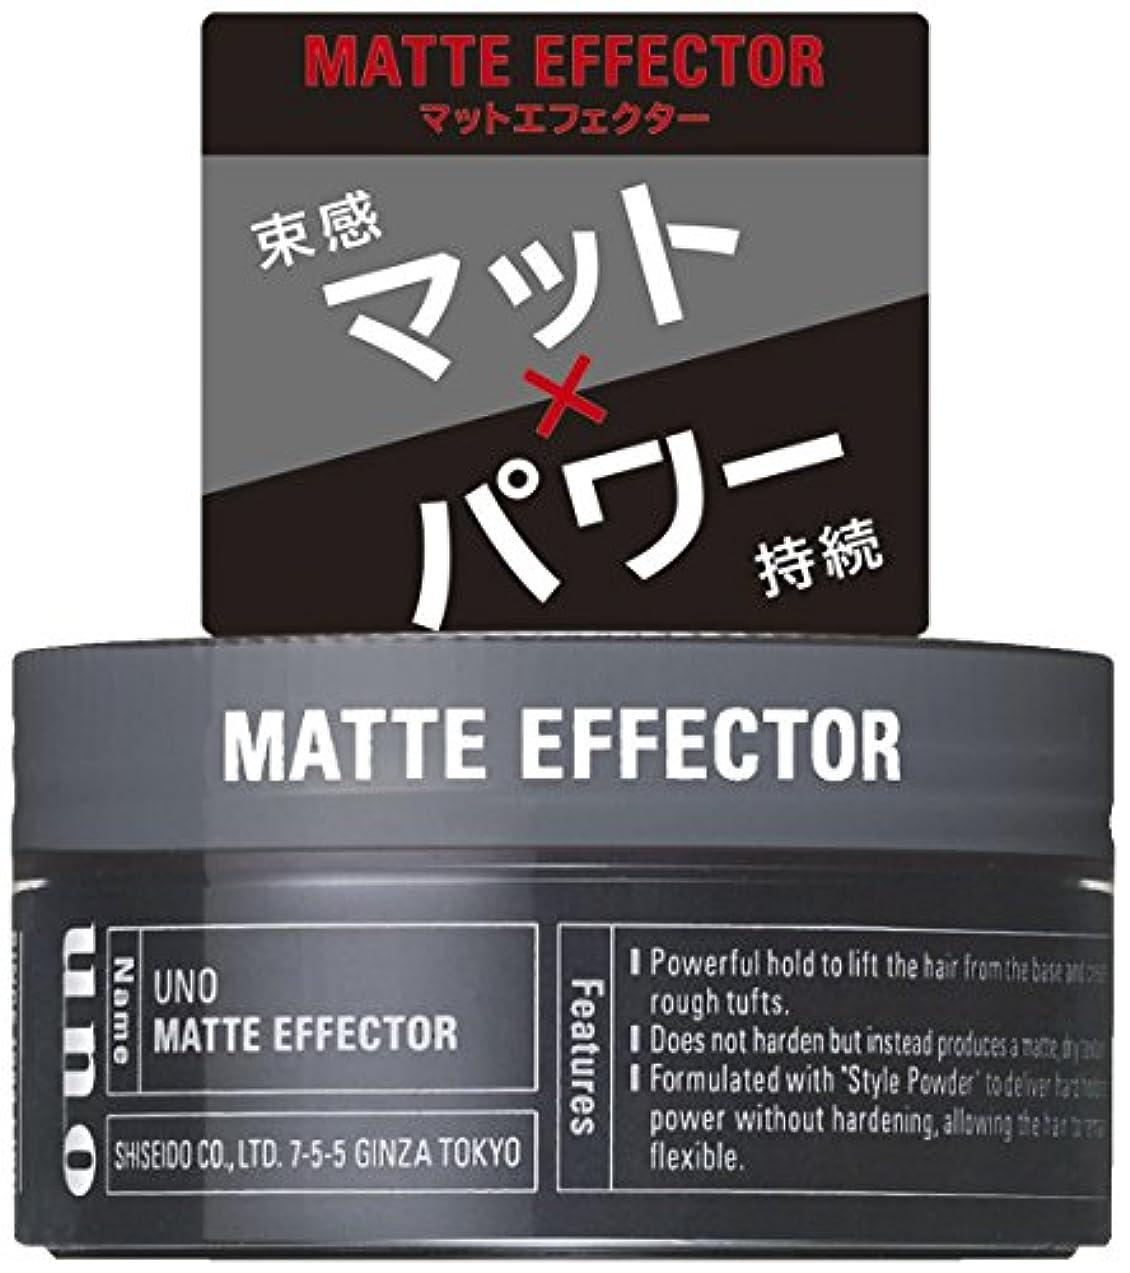 汚れるフィドル評価可能ウーノ マットエフェクター 80g ワックス